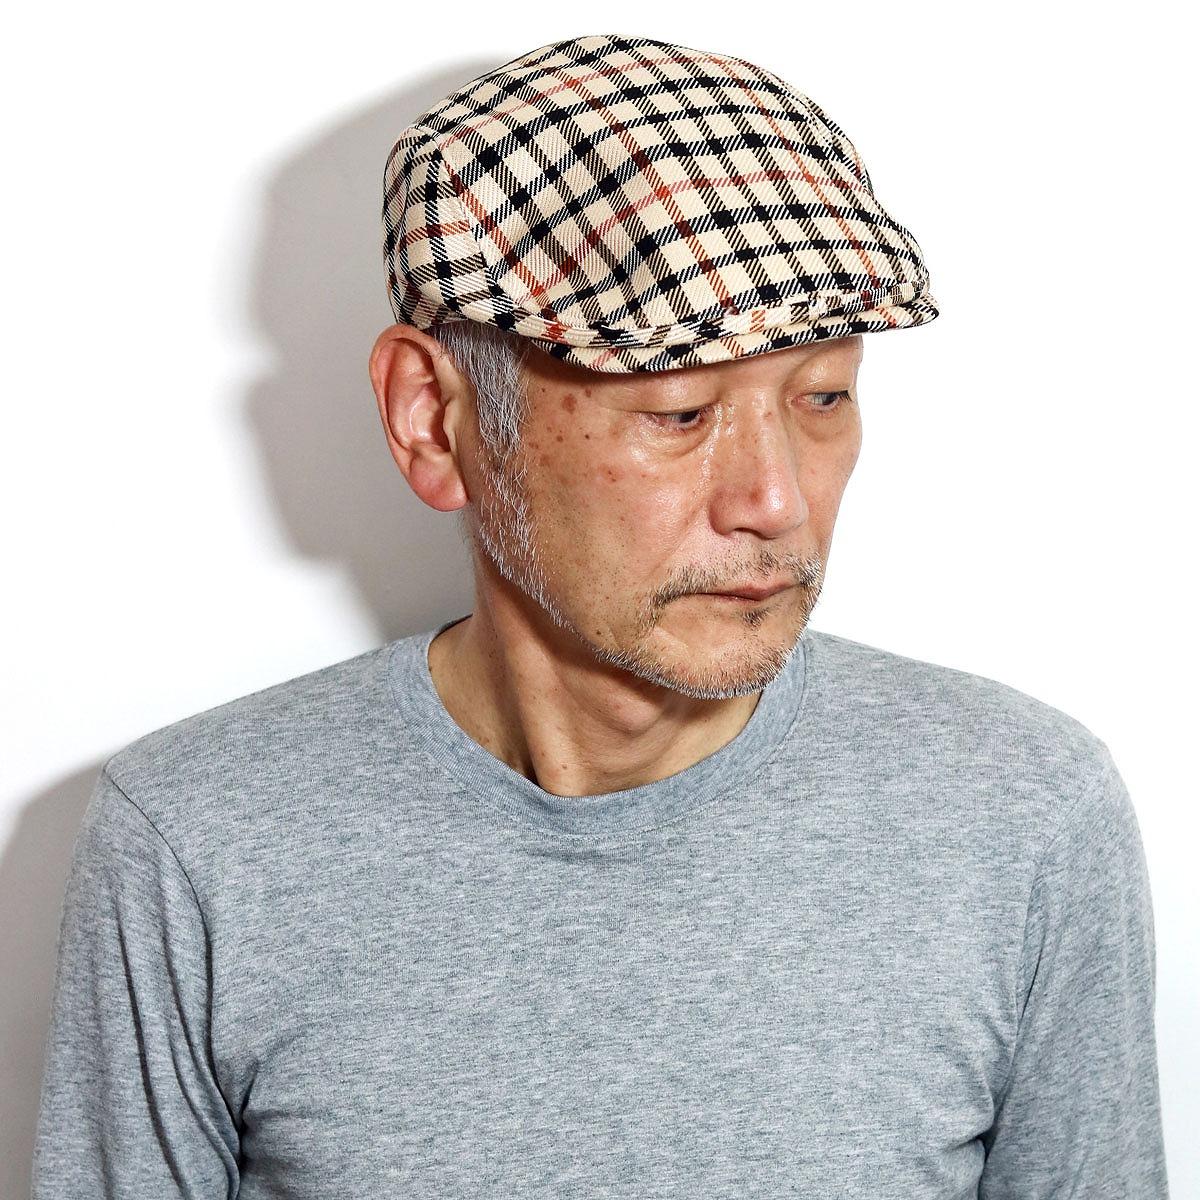 送料無料 ダックス ハンチング 大きいサイズ M L LL daks 直営ストア ブランド 帽子 チェック柄 人気急上昇 ハンチング帽 40代 50代 60代 70代 男性 日本製 XL 10%OFFクーポン プレゼント ギフト コットンドビーハウスチェック 紳士 ファッション 期間限定 ベージュ 誕生日 DAKS おしゃれ ハウスチェック お父さん